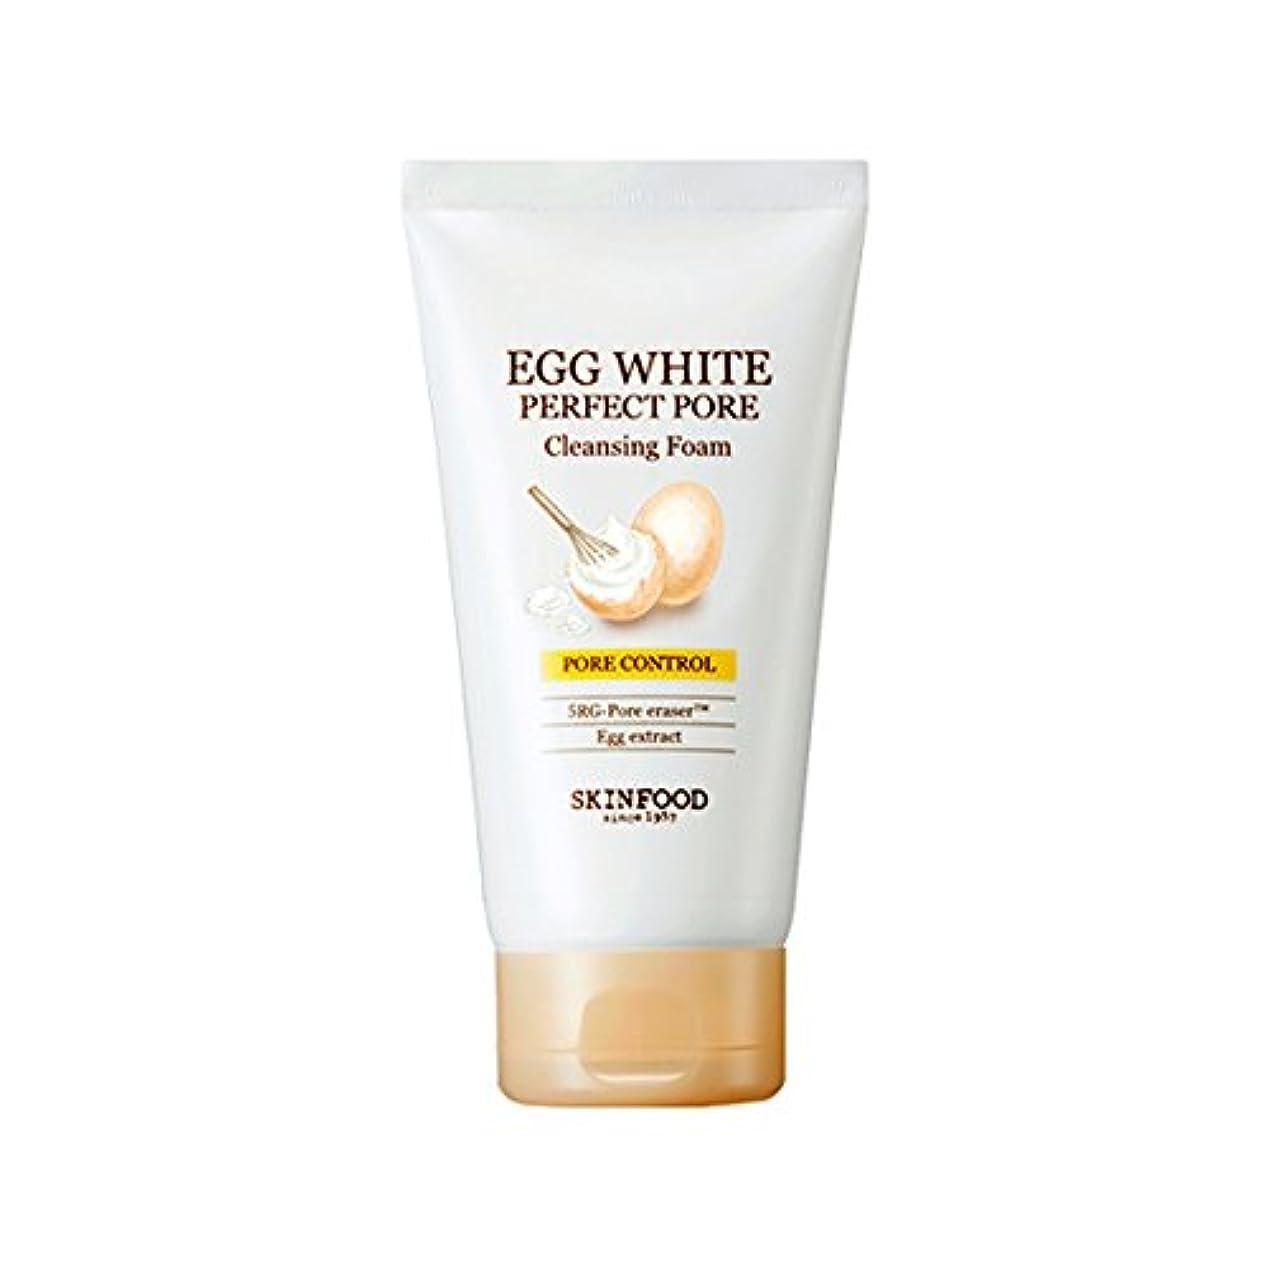 布充電薬理学Skinfood/Egg White Perfect Pore Cleansing Foam/エッグホワイトパーフェクトポアクレンジングフォーム/150ml [並行輸入品]